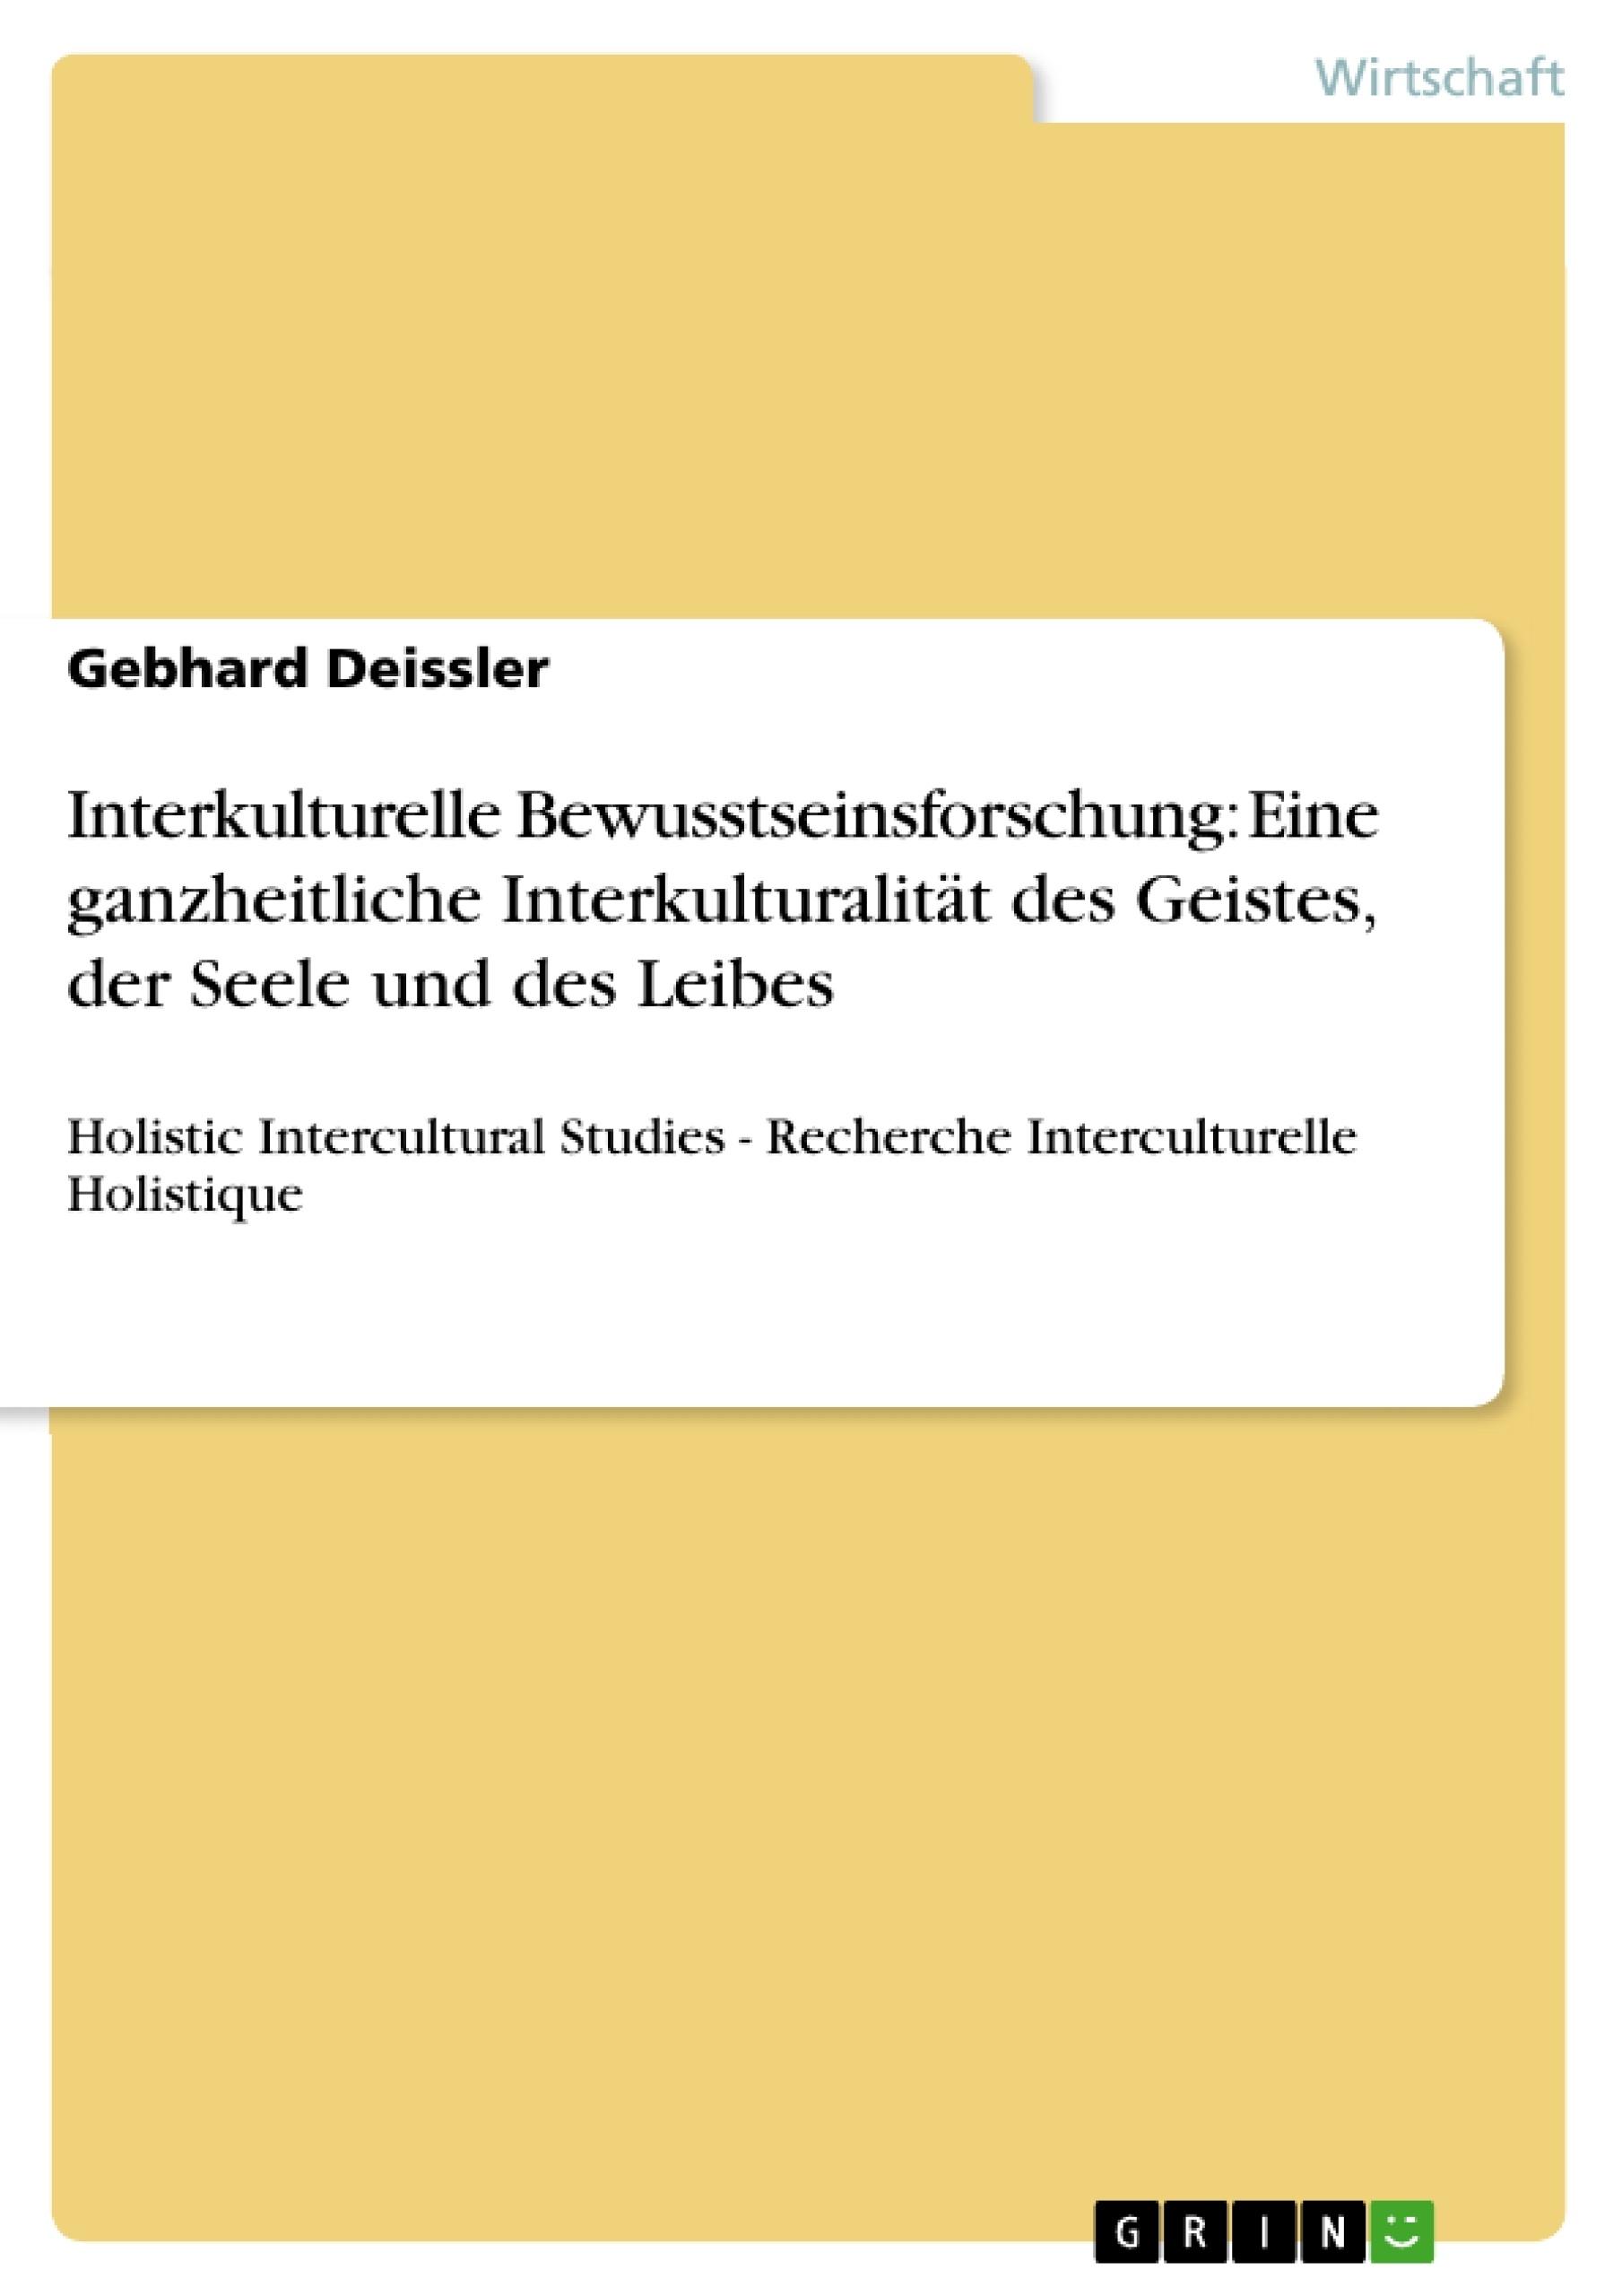 Titel: Interkulturelle Bewusstseinsforschung: Eine ganzheitliche Interkulturalität des Geistes, der Seele und des Leibes